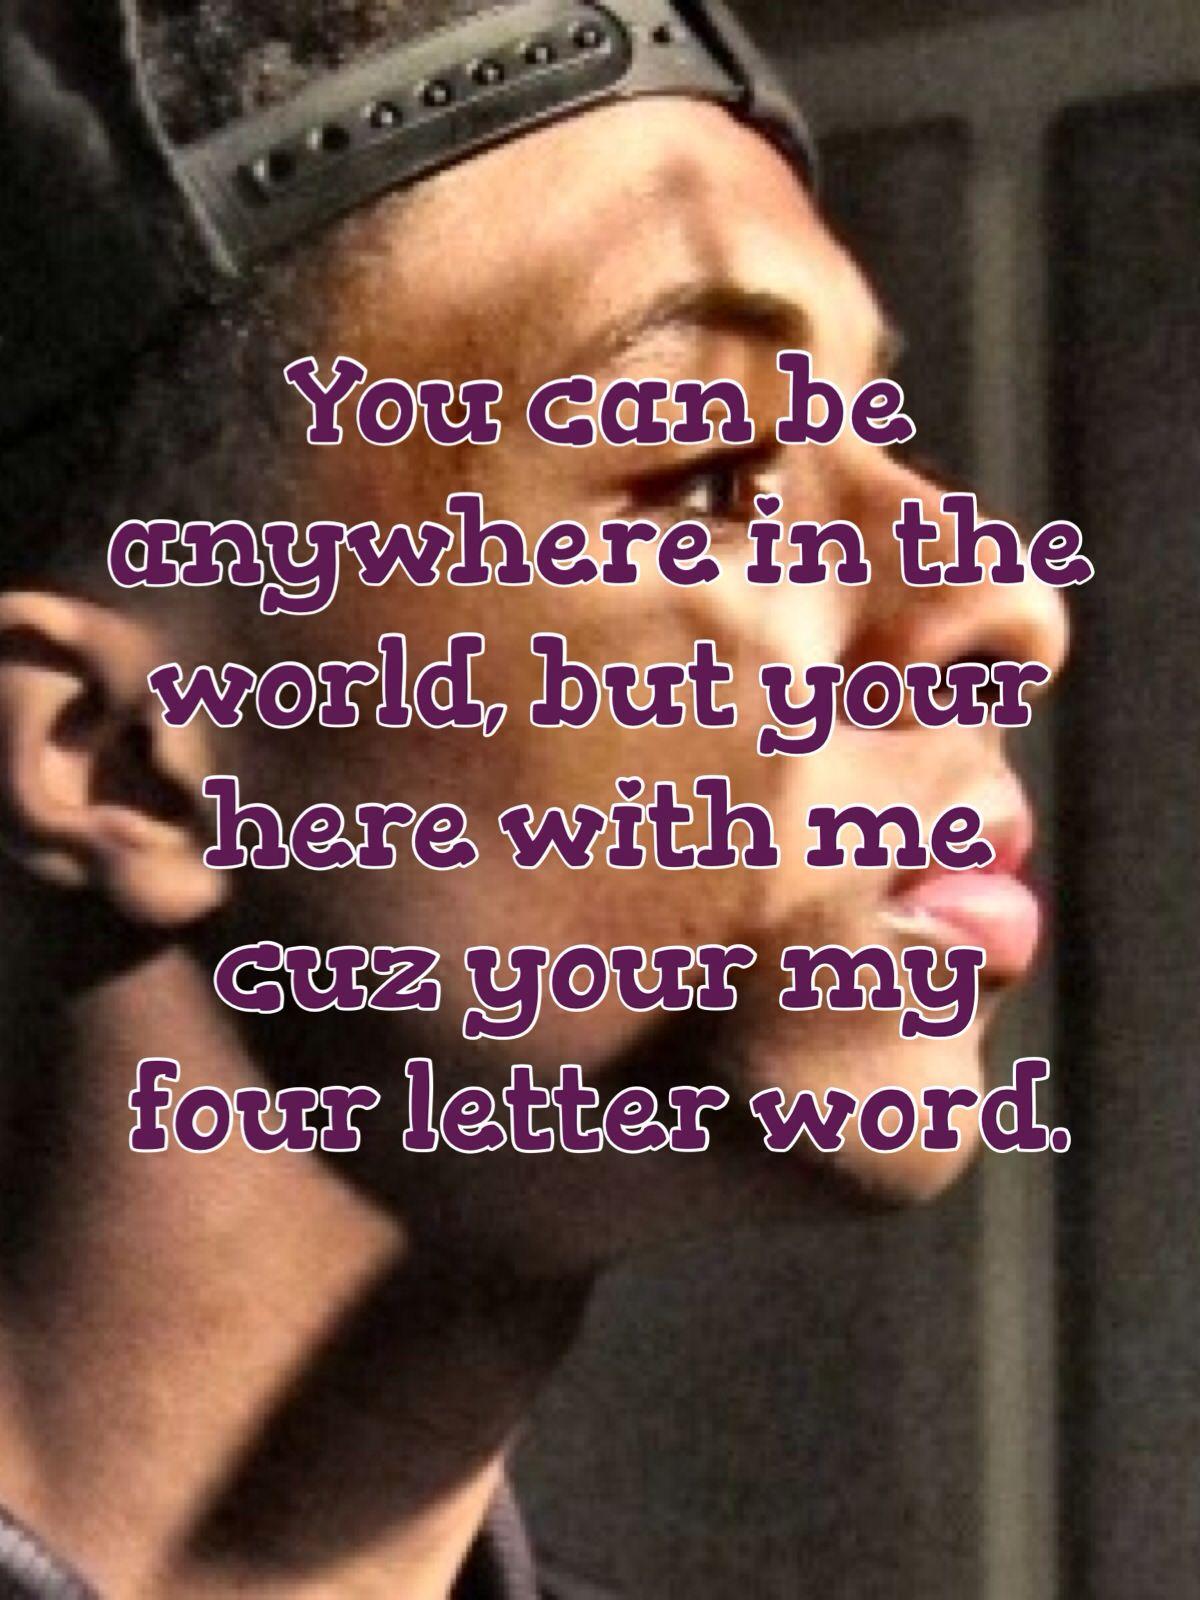 4 Letter Word Diggy Simmons D I G G Y S I M M O N S Pinterest